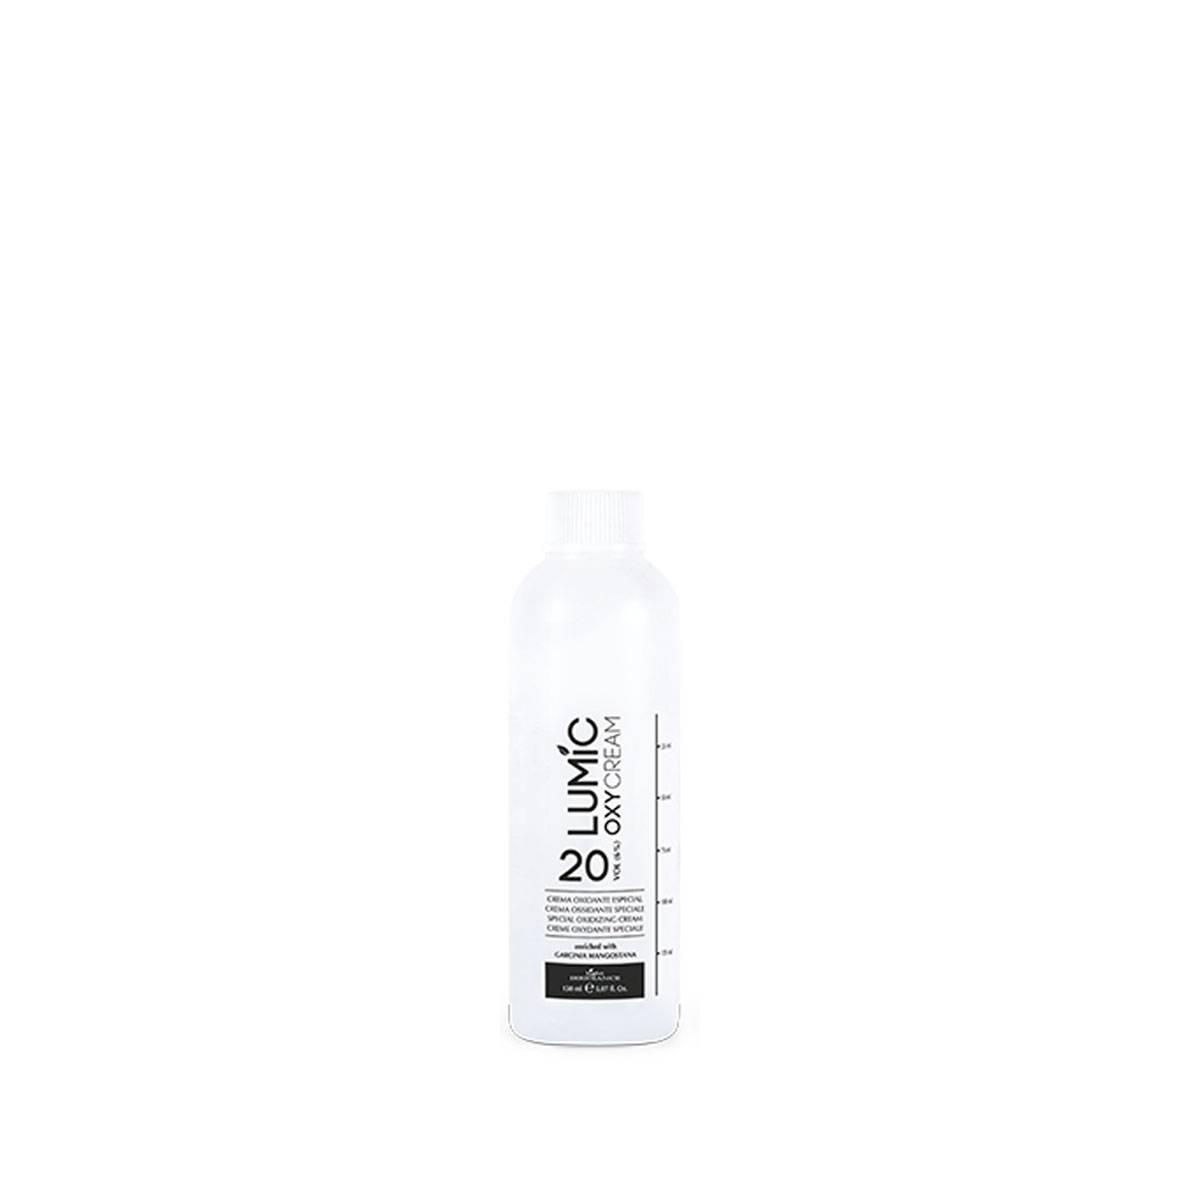 Ossigeno Lumic 150 Ml 20 Vol